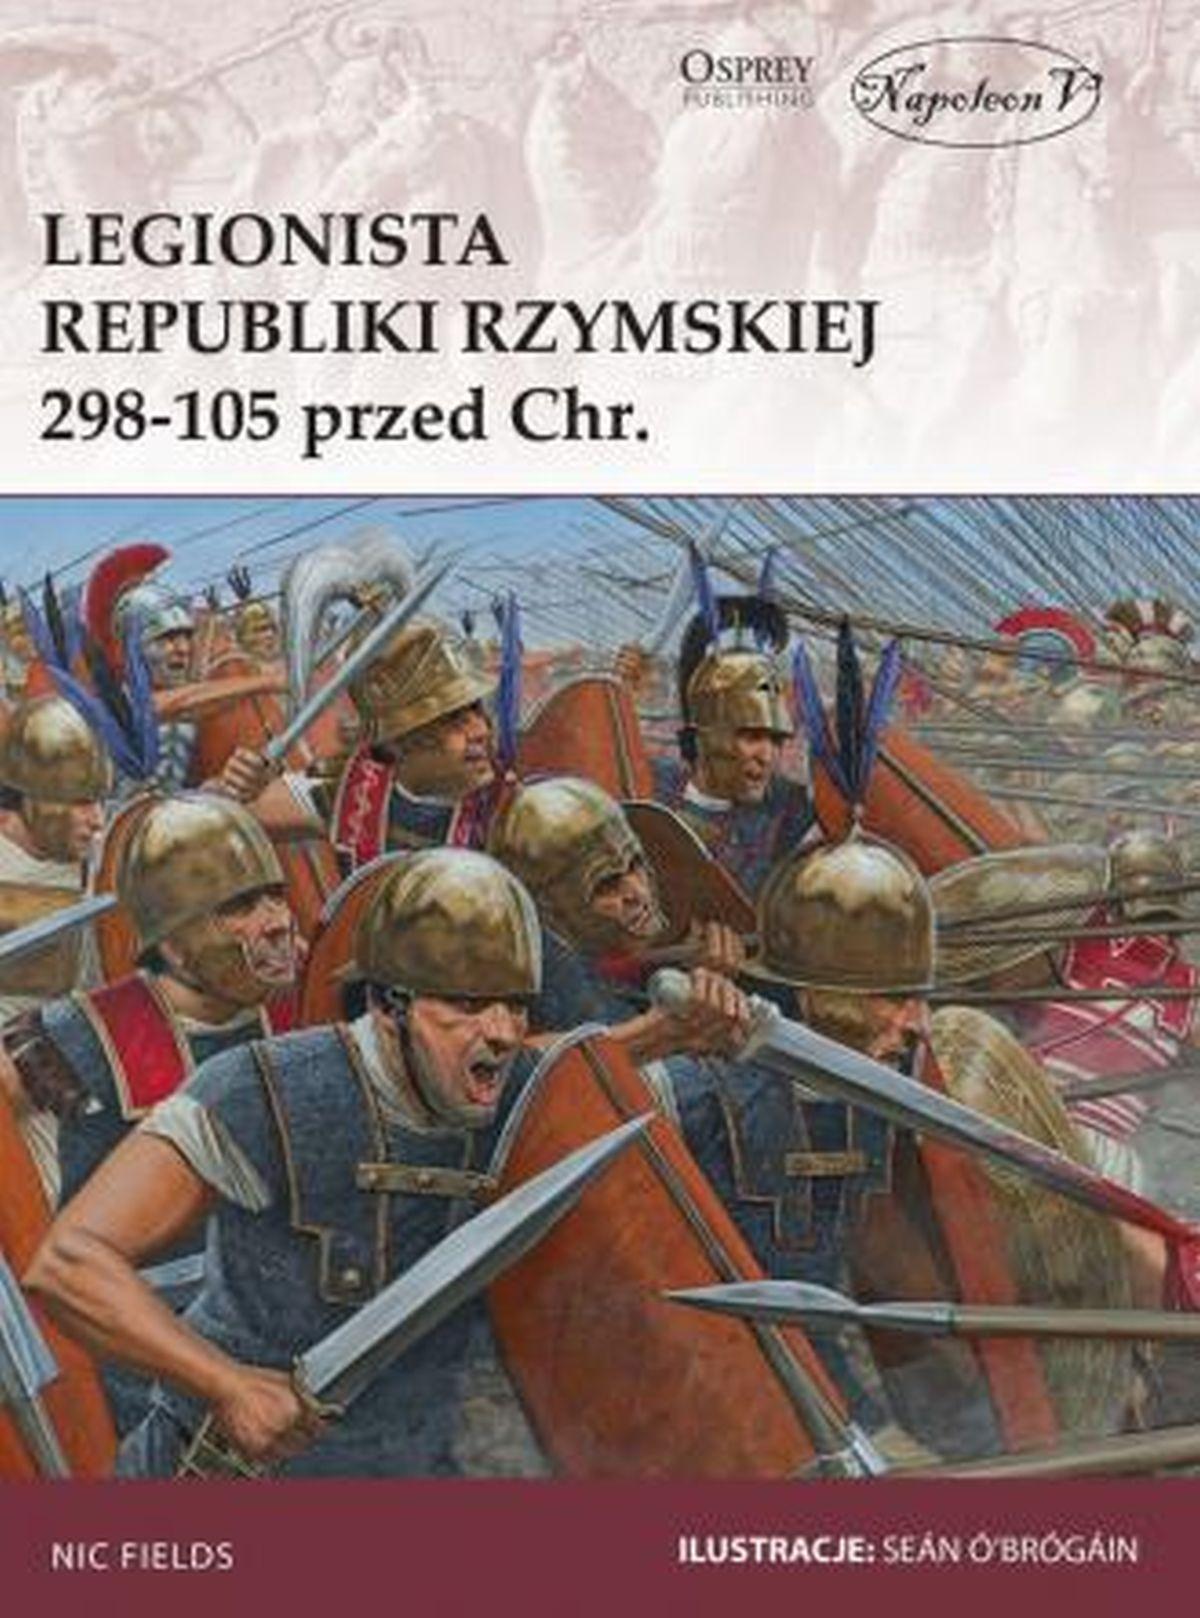 Legionista republiki Rzymskiej 298-105 przed Chr.